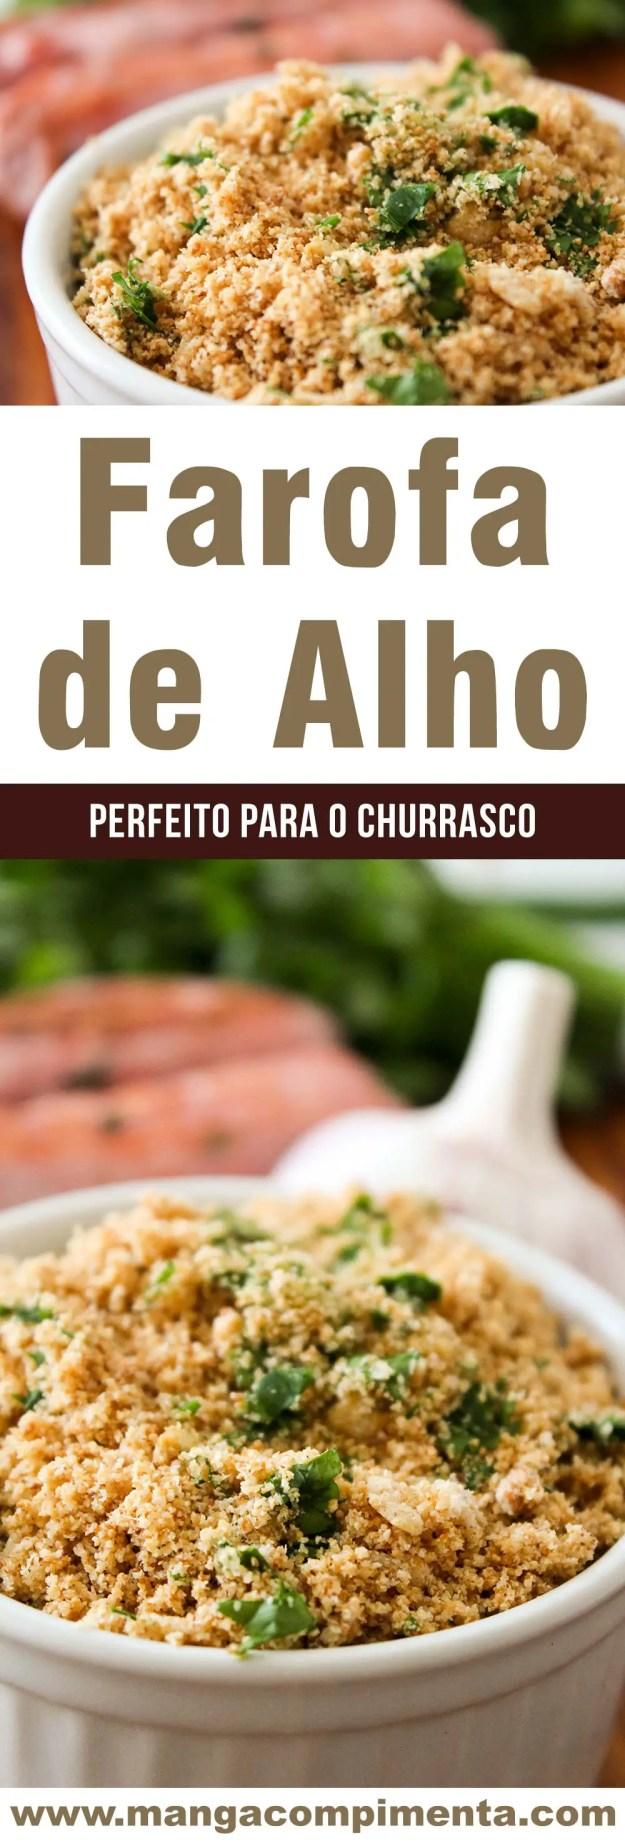 Farofa de Alho - super fácil de fazer, perfeito para o churrasco ou frango assado do final de semana!